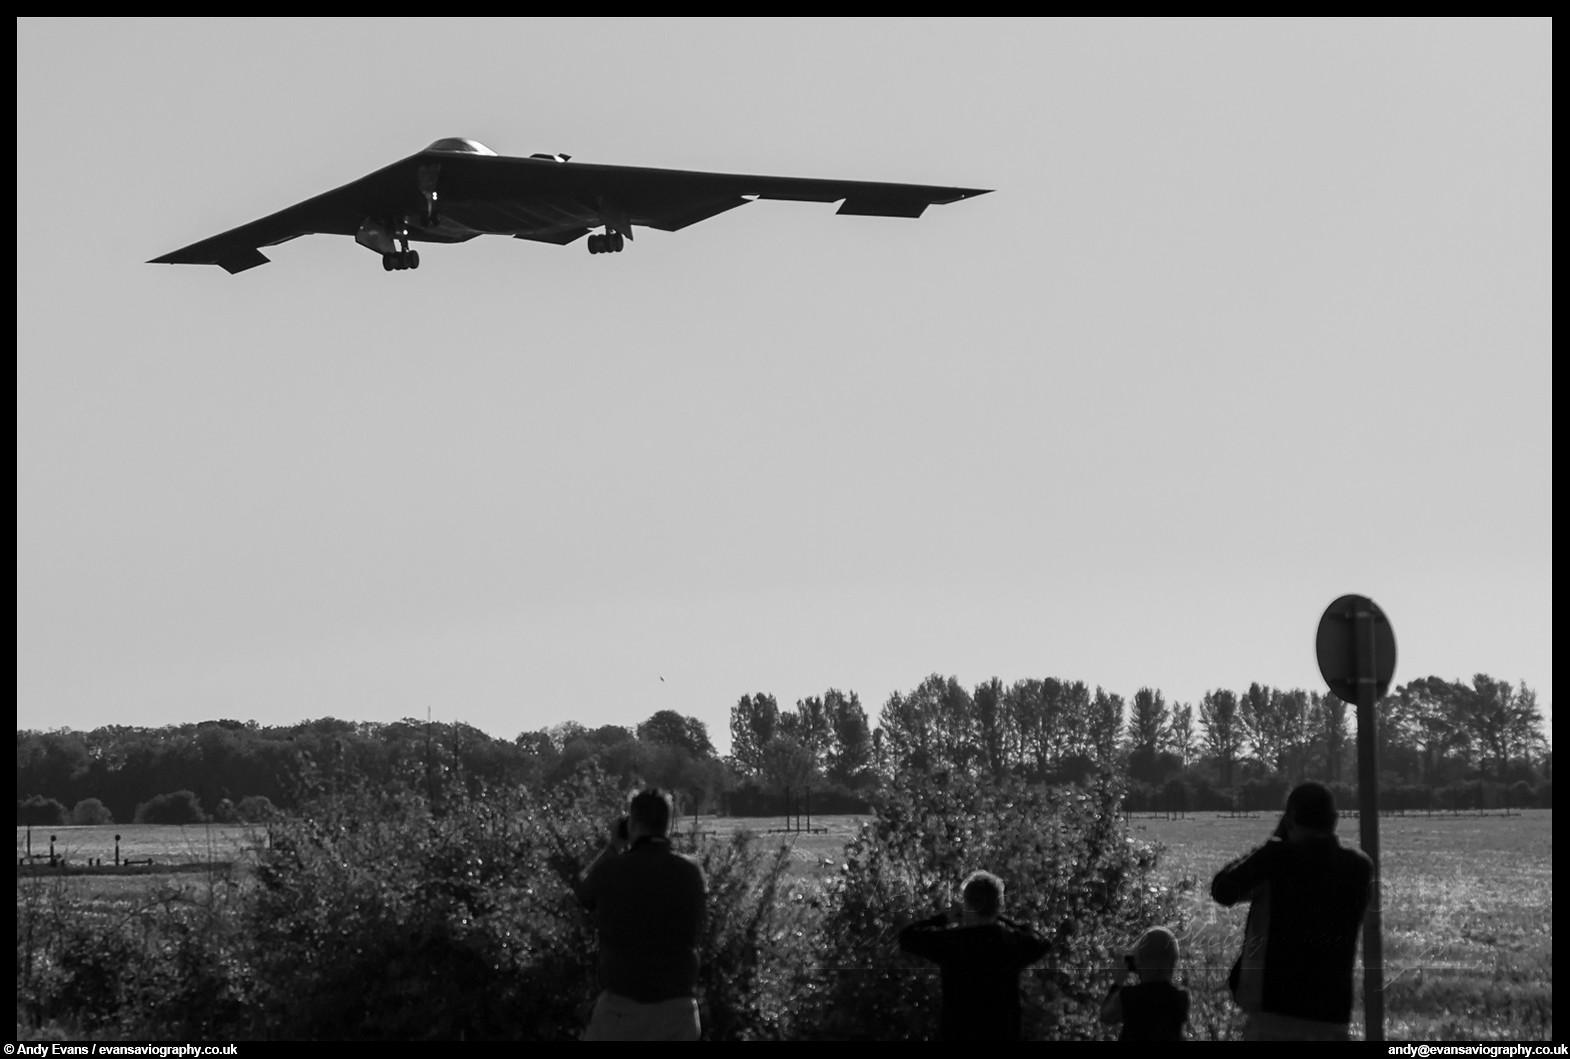 RAF Fairford 7th June 2015 - B-2A Arrival